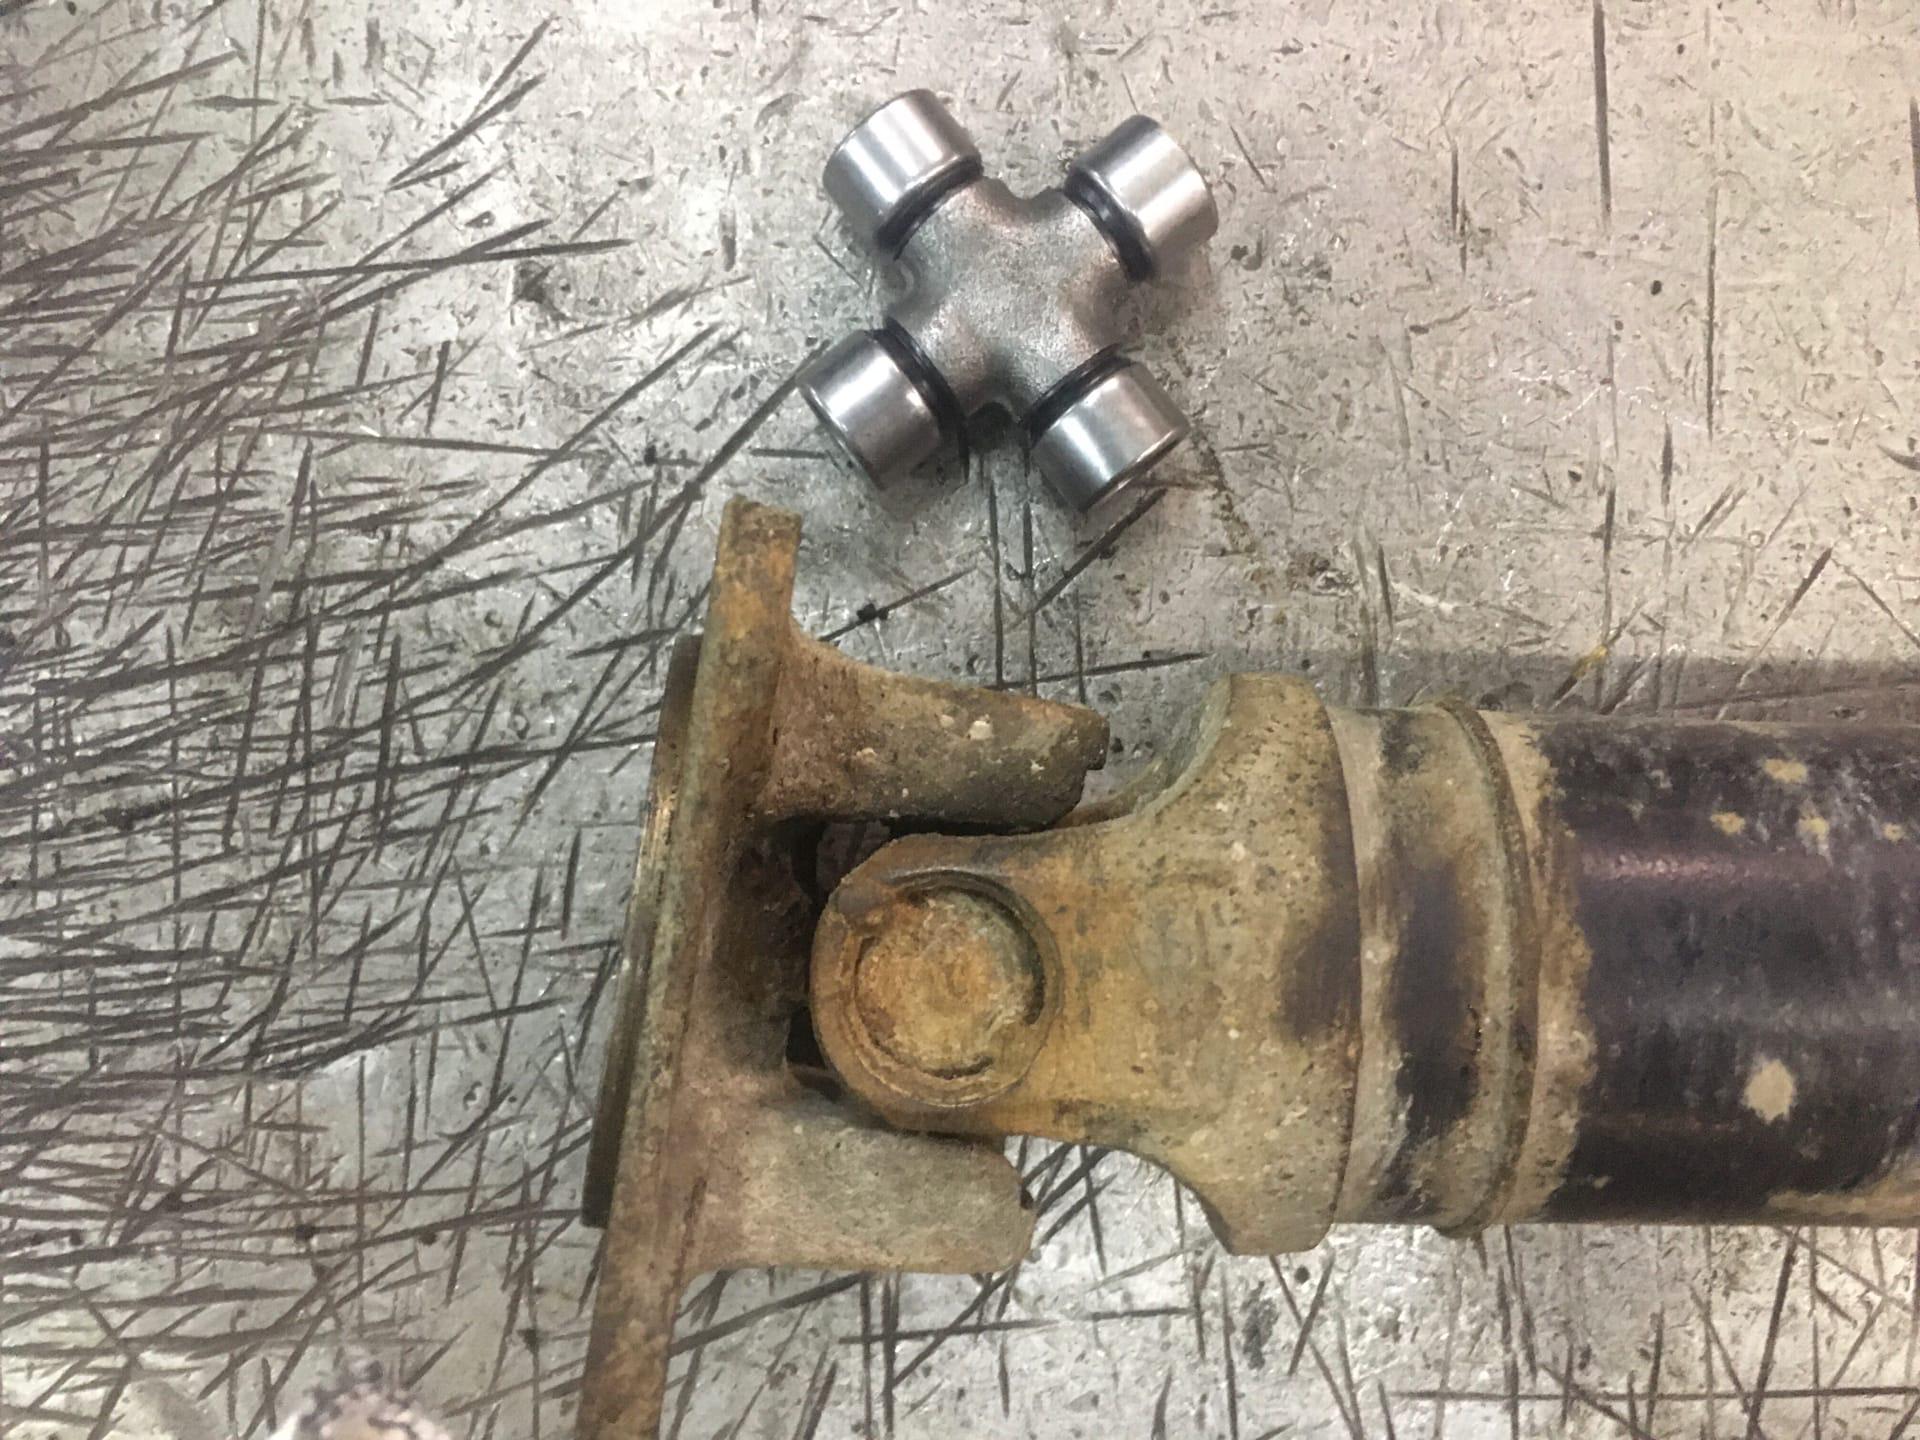 Восстановление кардана Renault Duster после гаражного ремонта